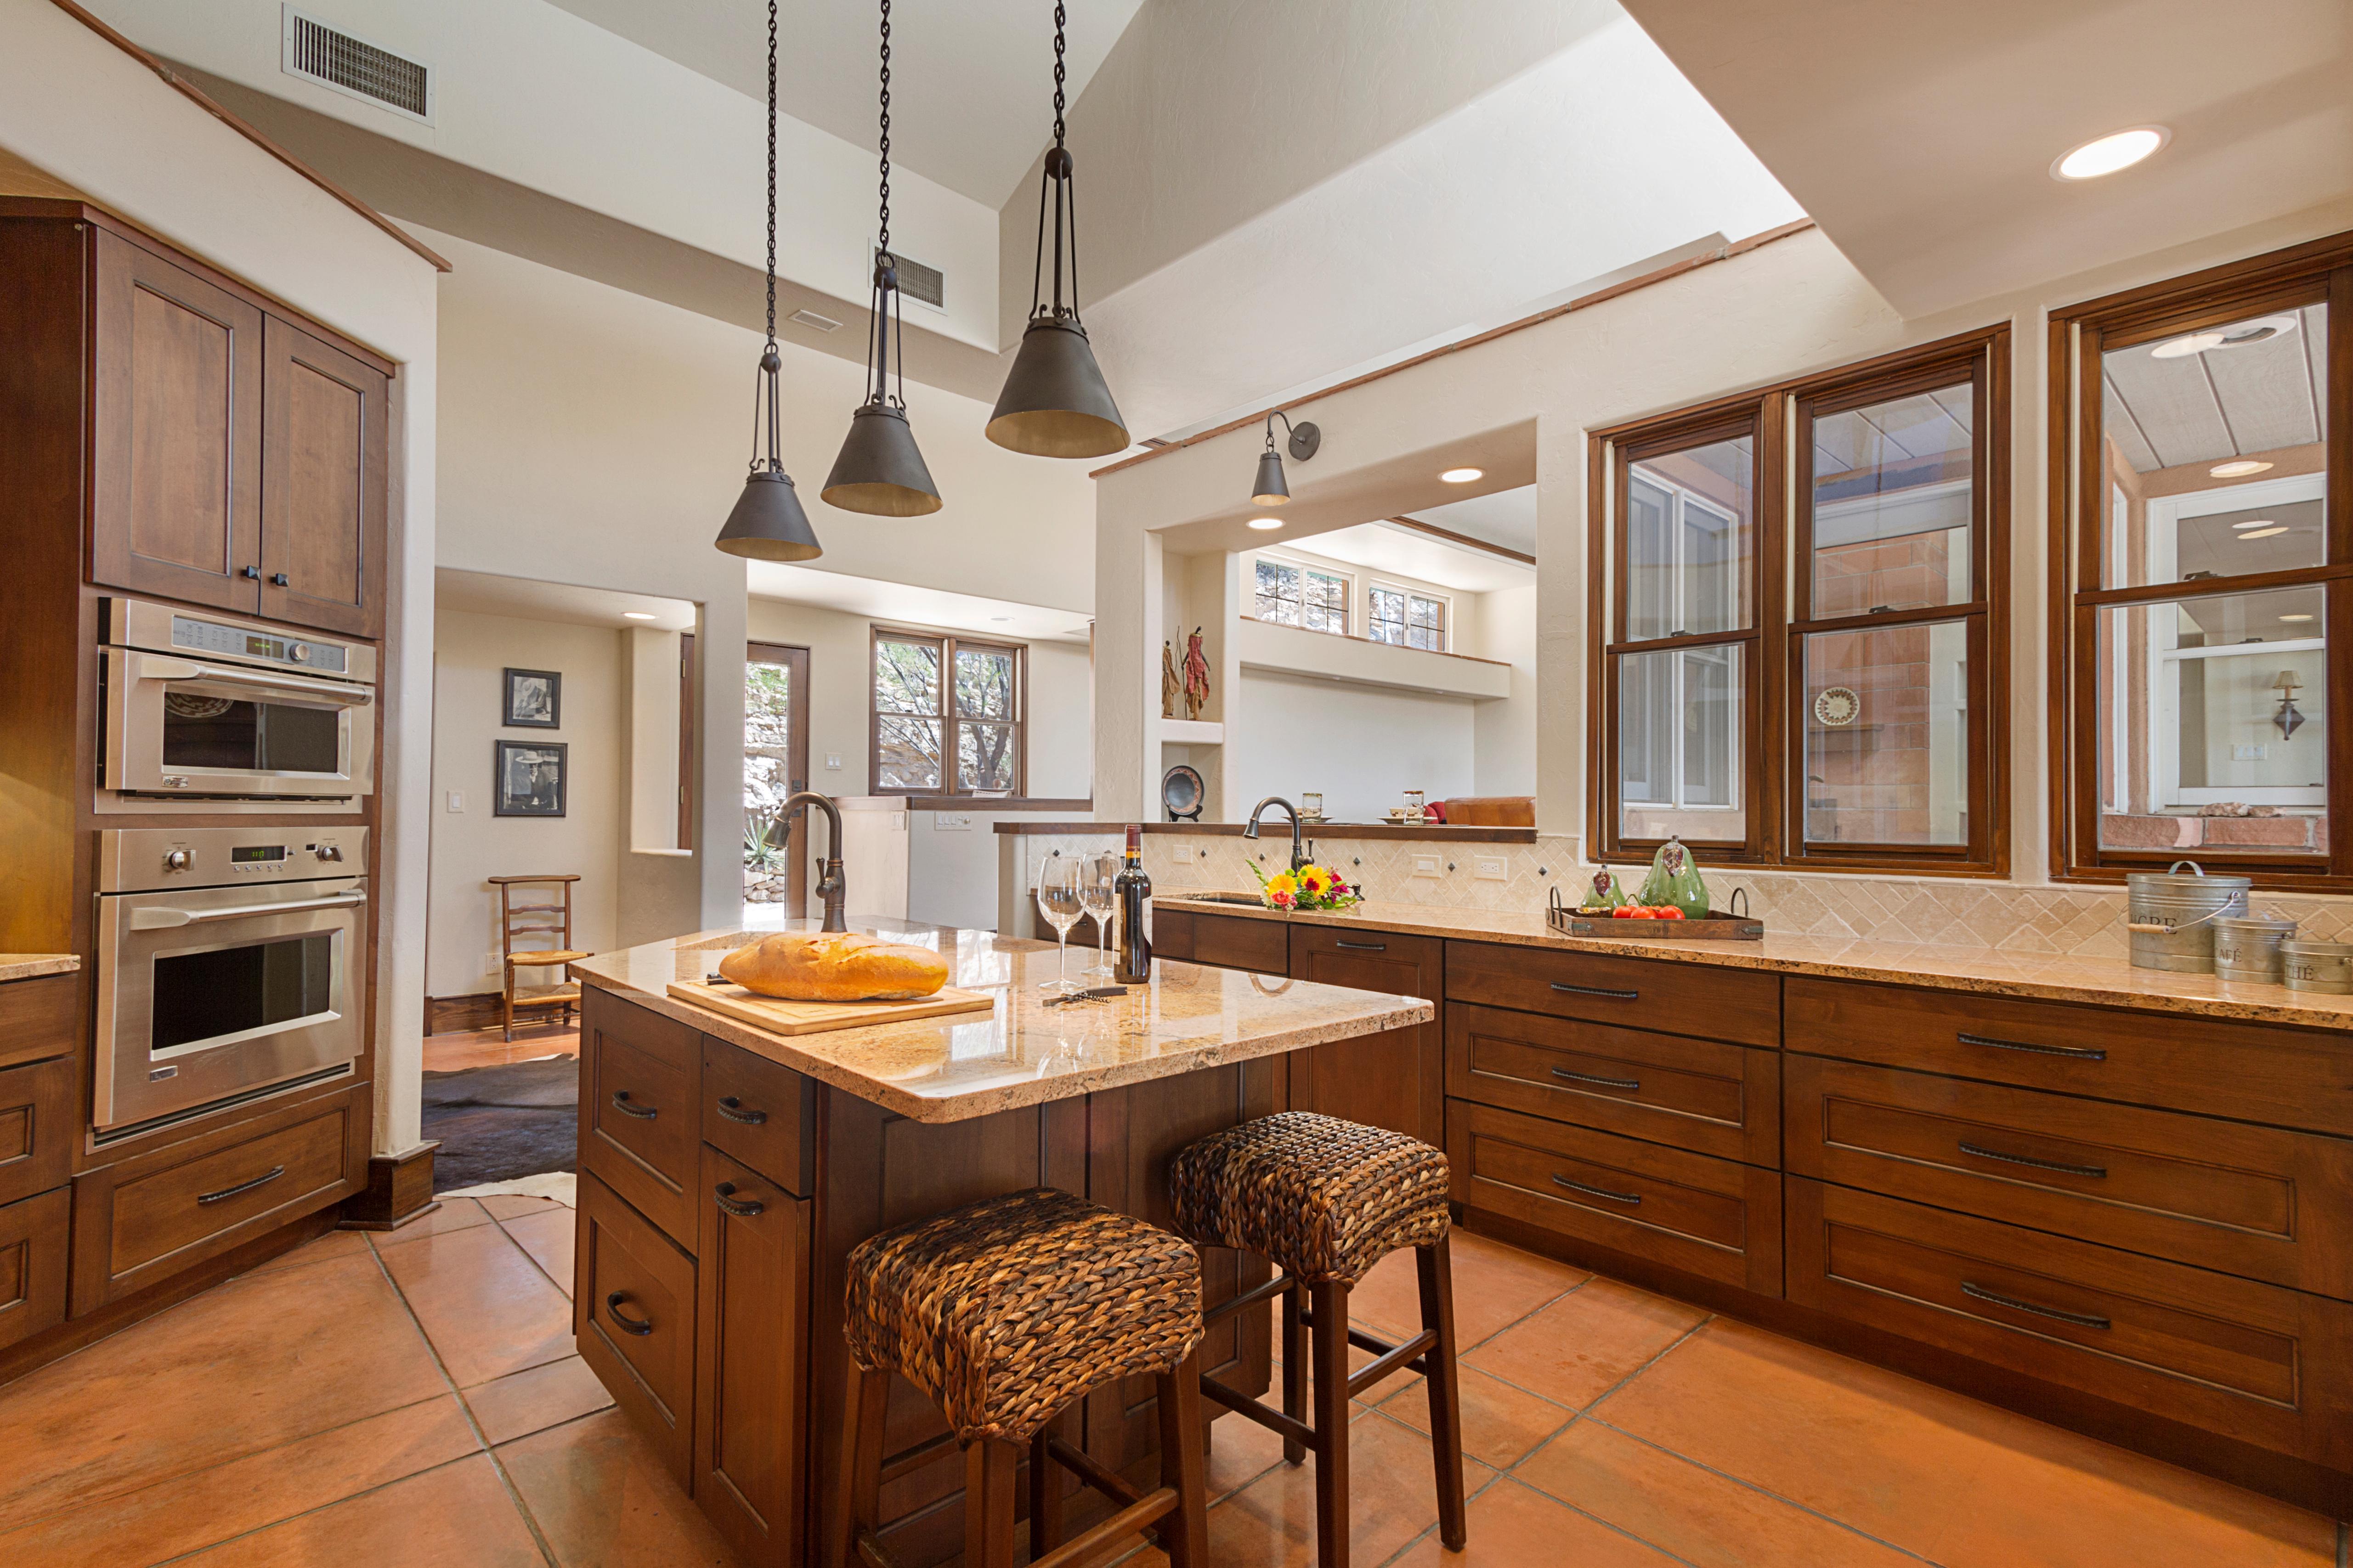 Home Improvements In Tucson Az Tucson Arizona Home Improvements Ibegin